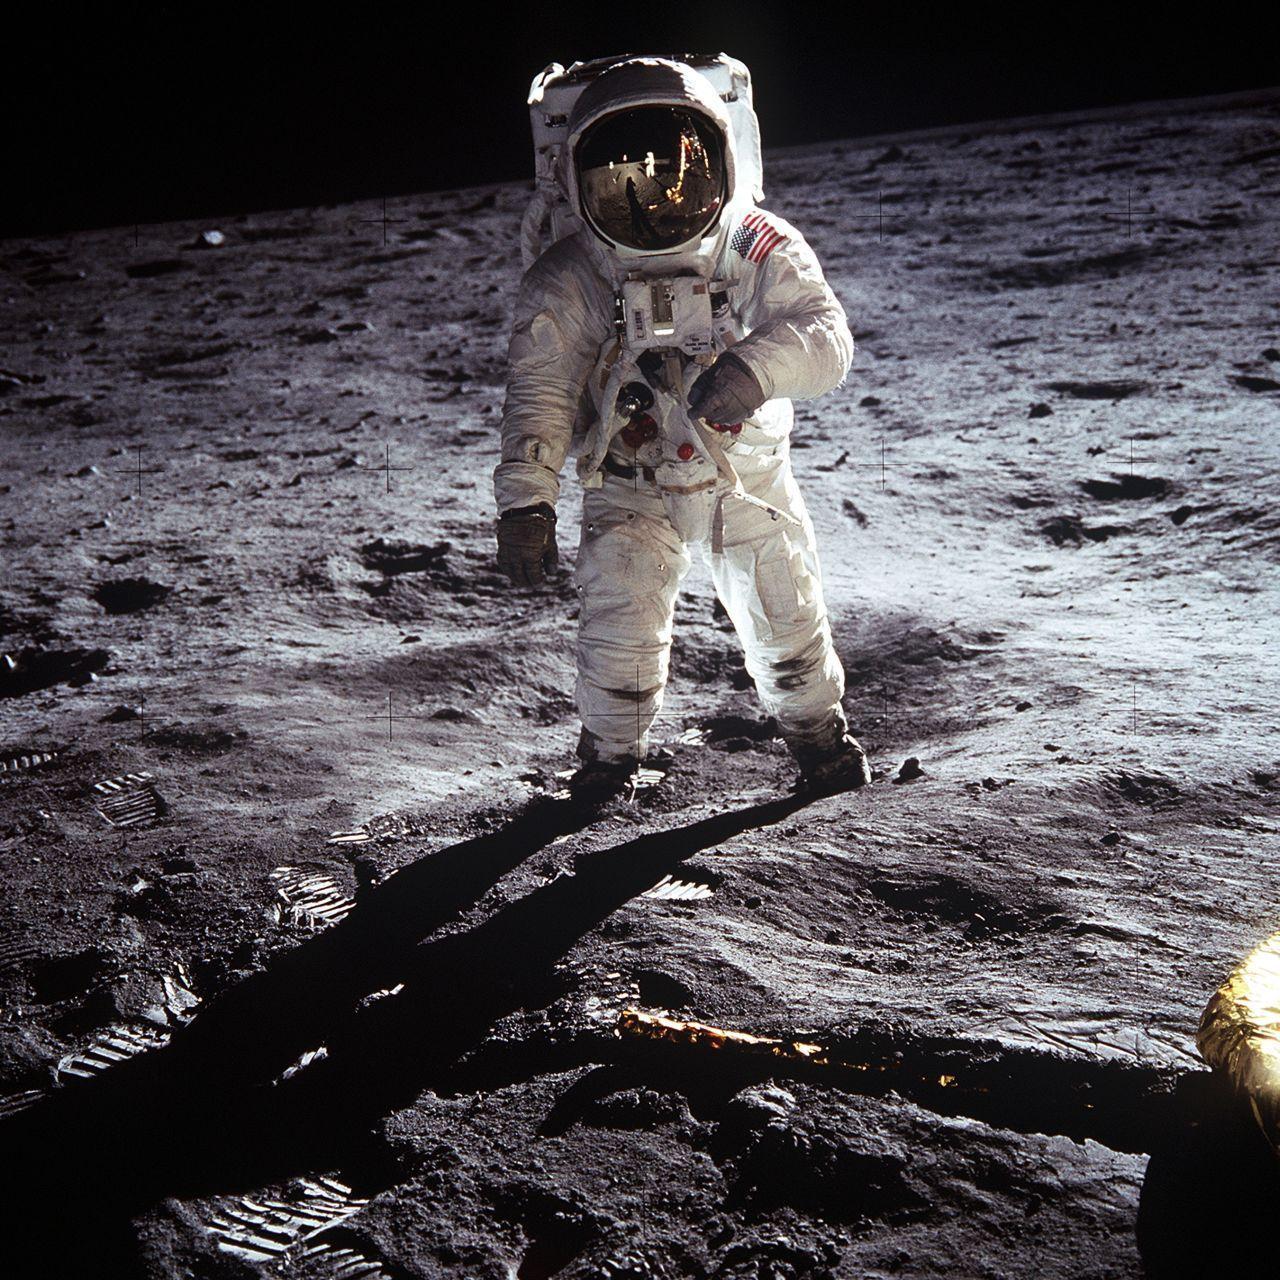 Der Astronaut Buzz Aldrin geht auf der unebenen Mondoberfläche. Er trägt einen weißen Raumanzug mit USA-Flagge auf der linken Schulter und mit einem nahezu kugelförmigen Helm.